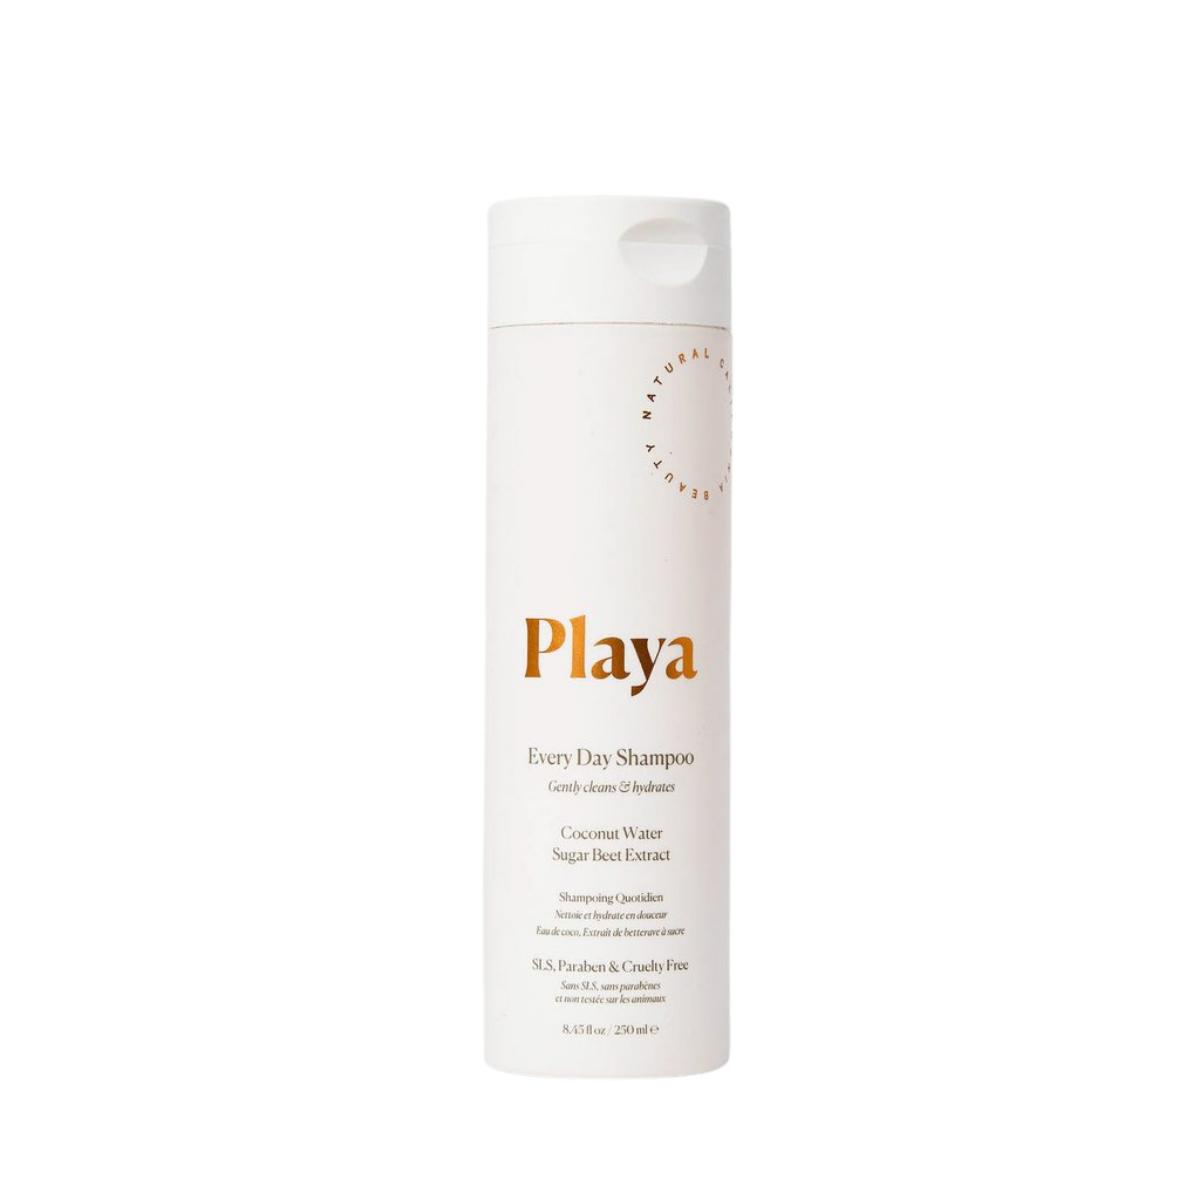 Every Day Shampoo